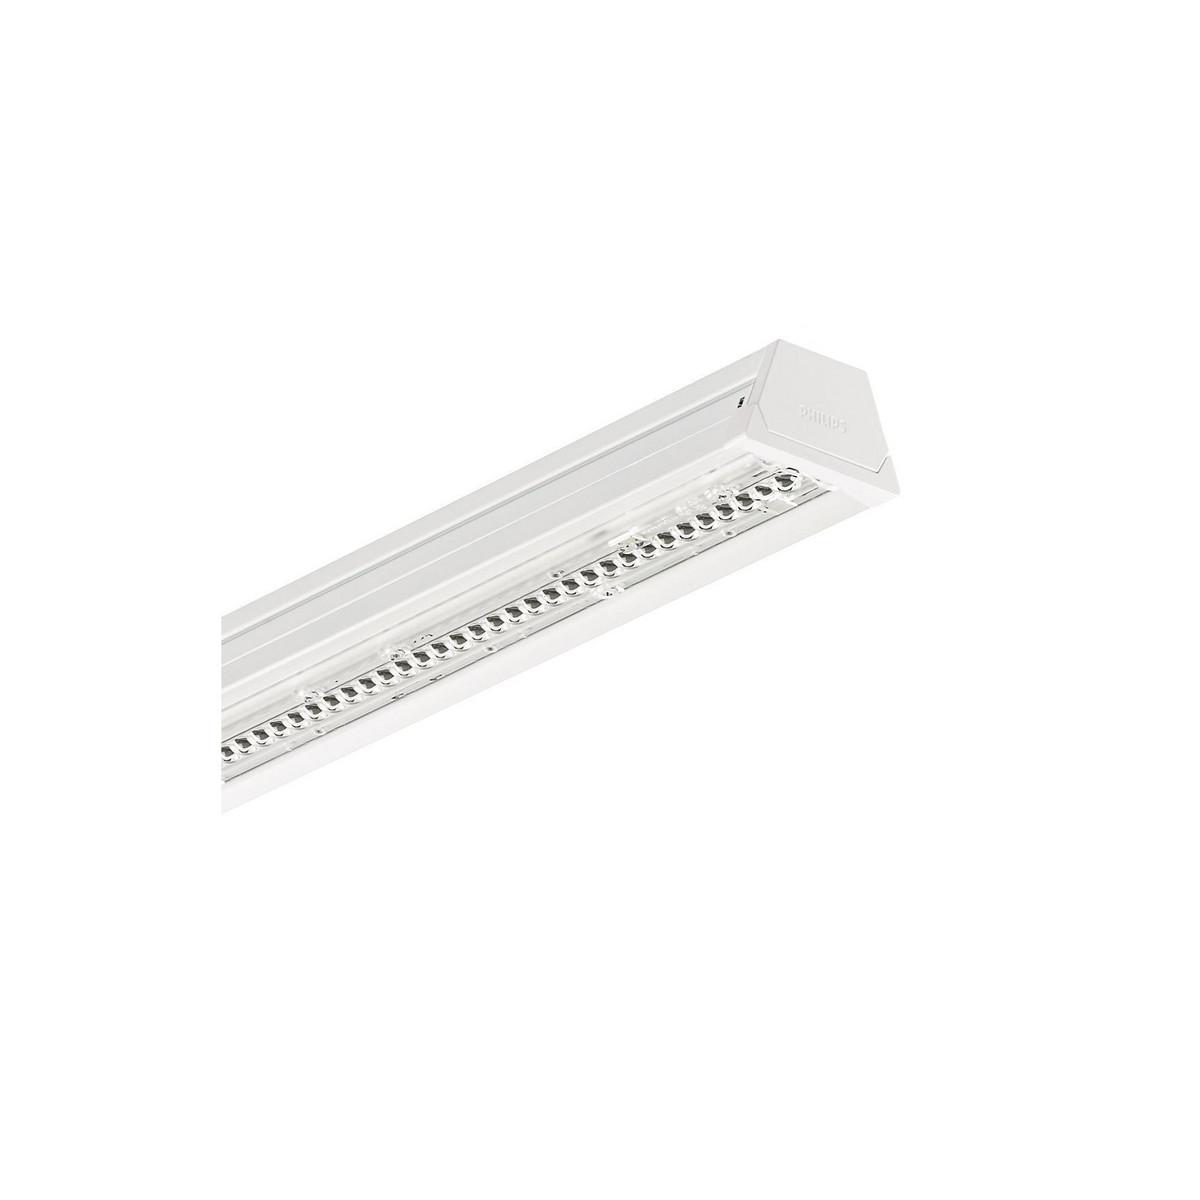 Philips CoreLine Trunking LL121X 8000lm/840 1700mm Bredstrålende 3F-gennemfortrådning